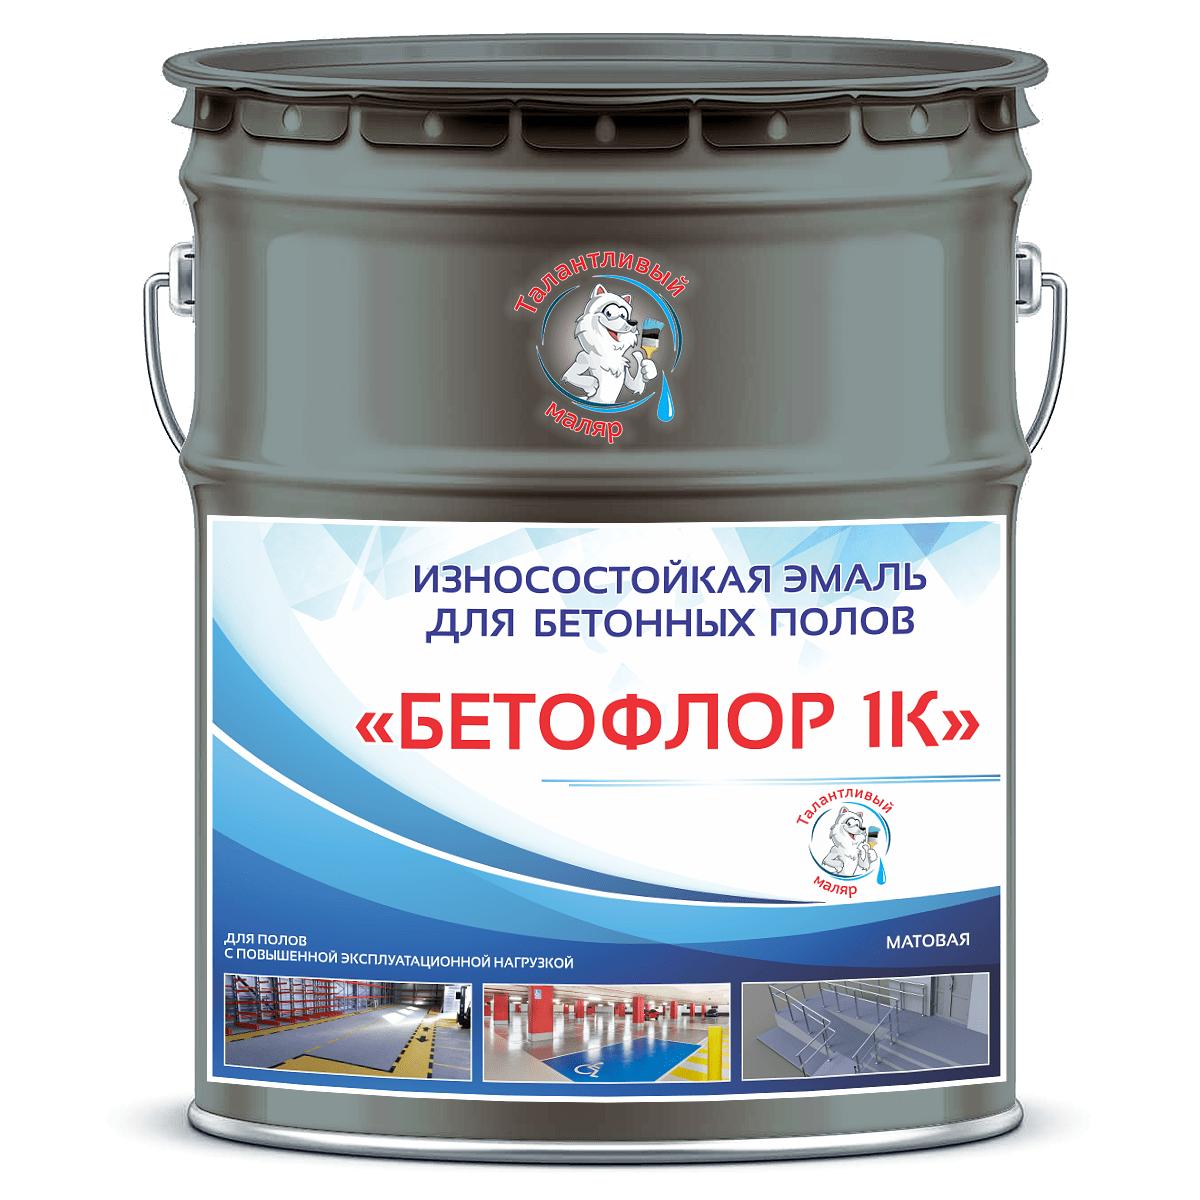 """Фото 6 - BF7005 Эмаль для бетонных полов """"Бетофлор"""" 1К цвет RAL 7005 Мышино-серый, матовая износостойкая, 25 кг """"Талантливый Маляр""""."""